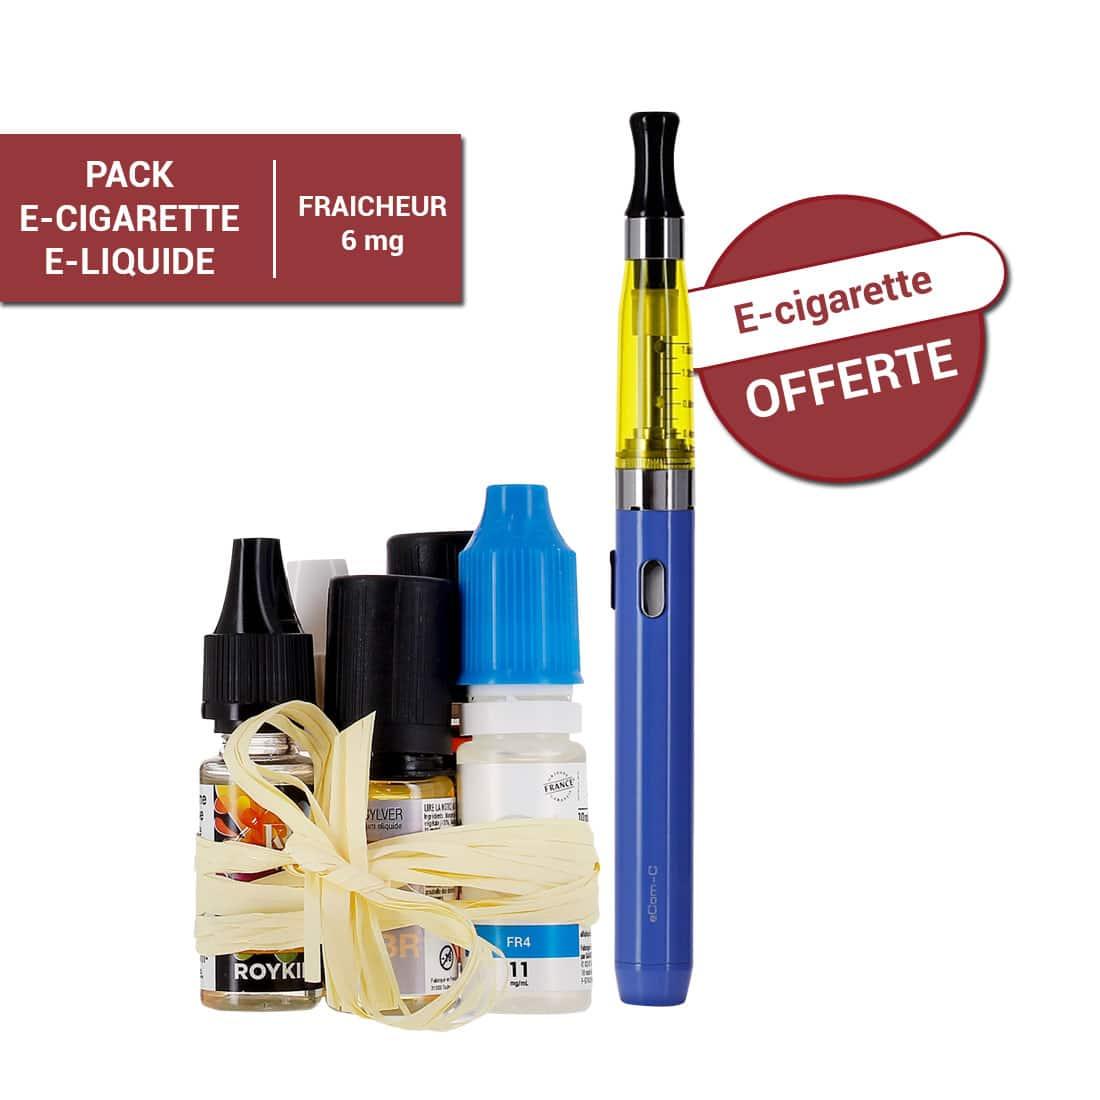 Photo de Pack e-cigarette e-liquide 6 mg Fraîcheur